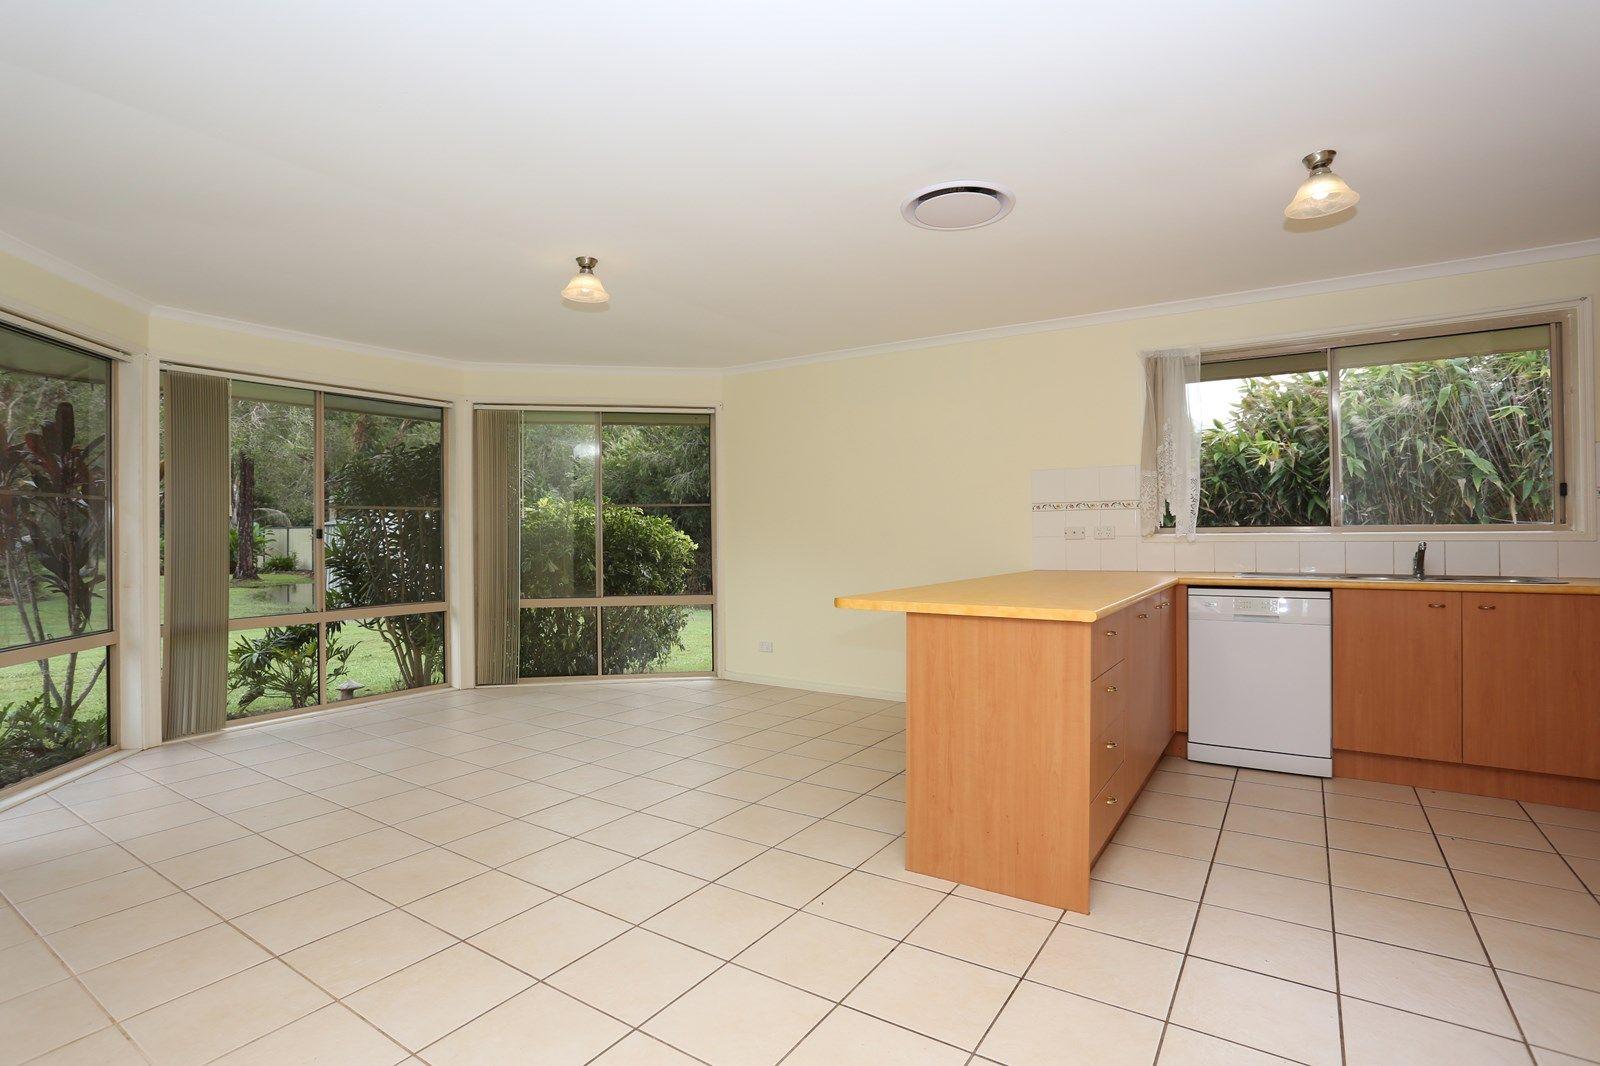 54-56 Bernborough Way, Ningi QLD 4511, Image 2